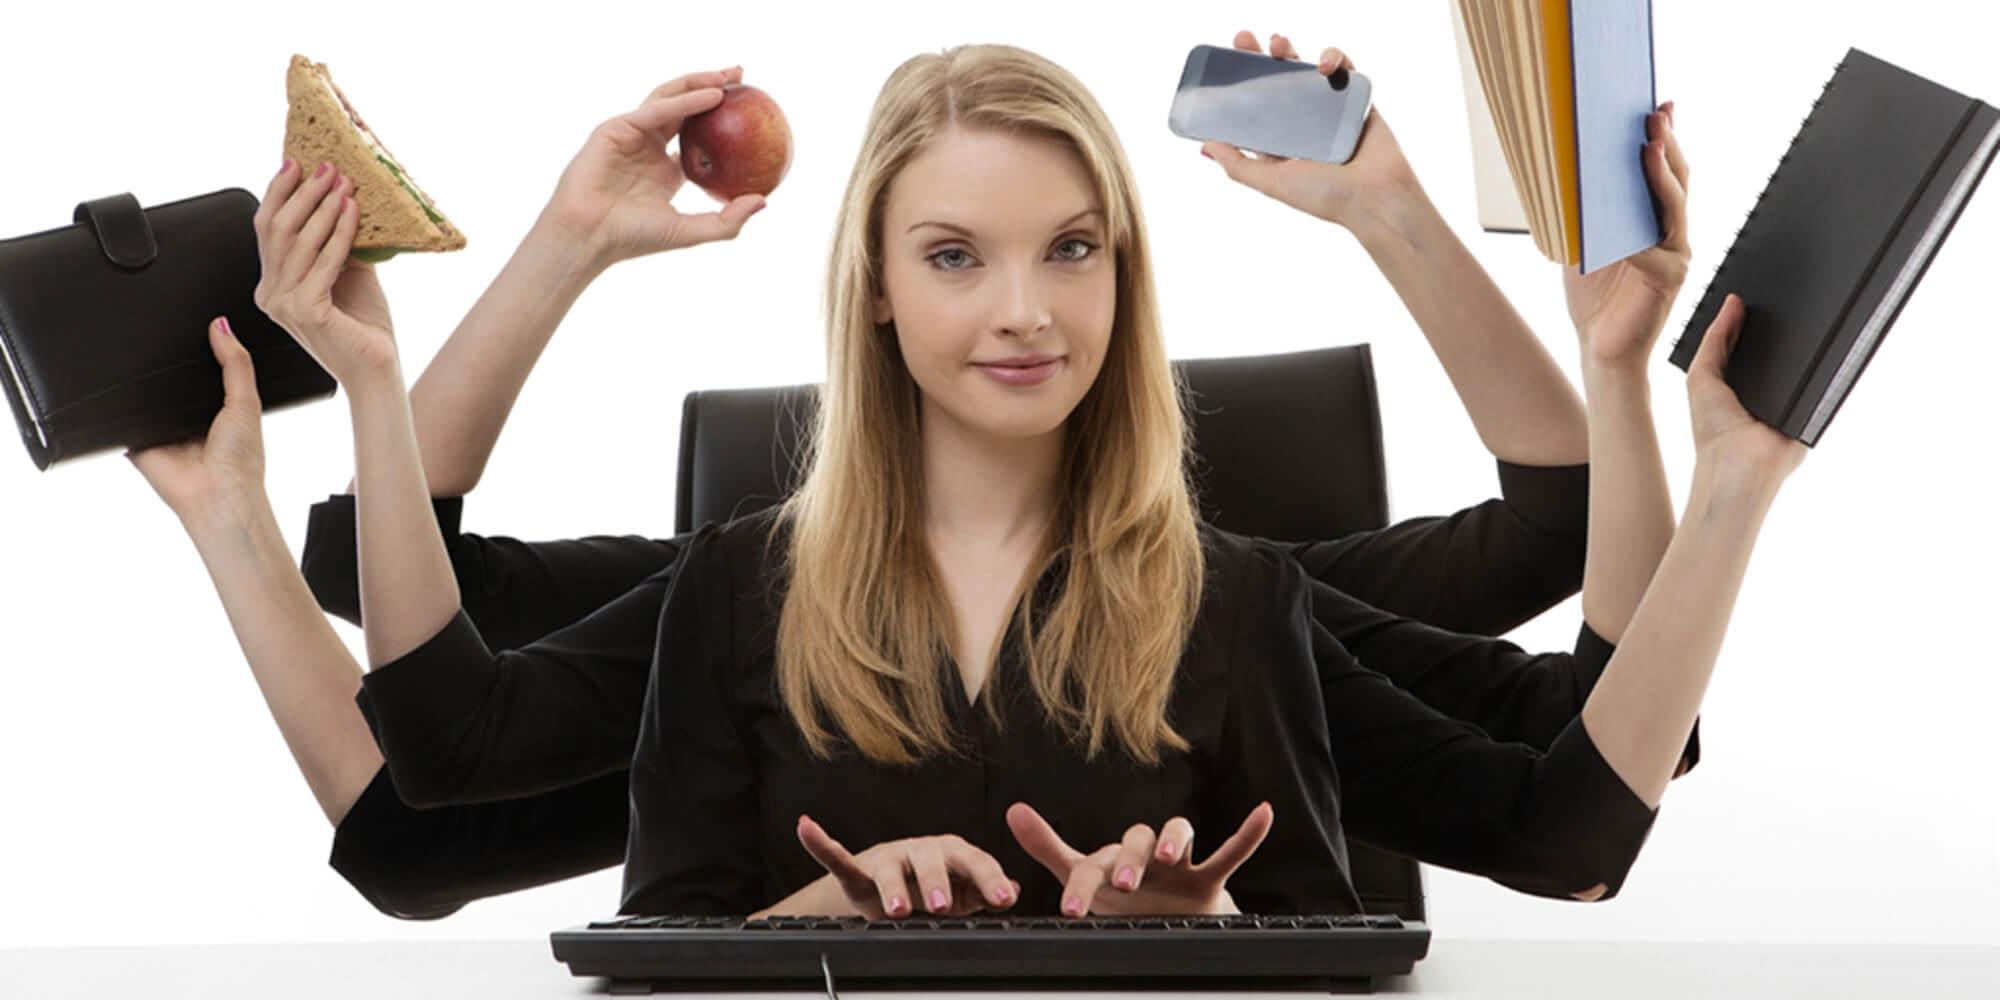 Hành chính văn phòng là gì? Tất tần tật về nghề hành chính văn phòng